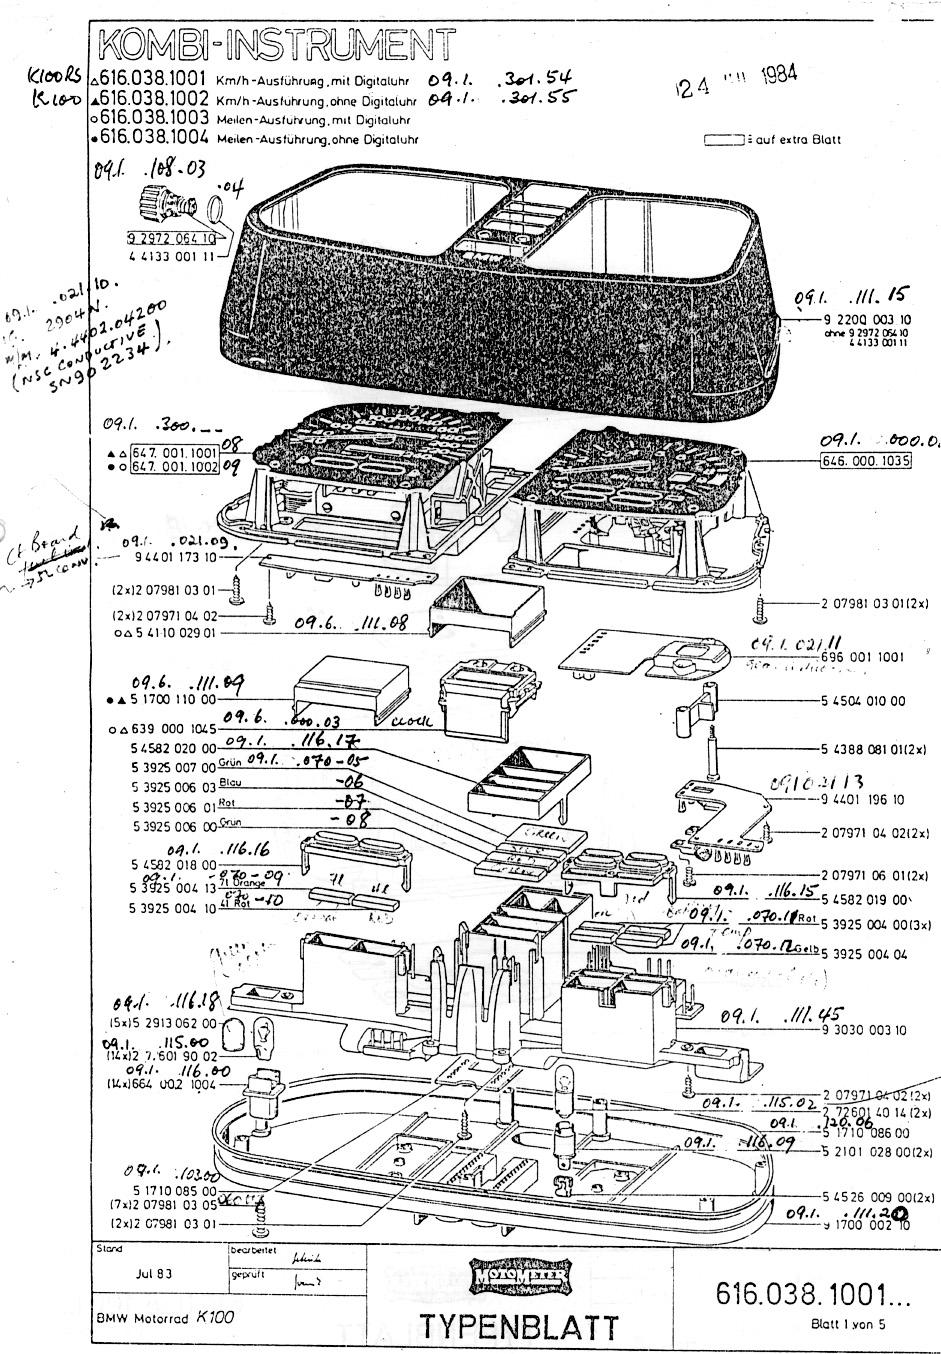 small resolution of wrg 0912 wiring diagram bmw k1200 bmw k 1200 wiring diagram